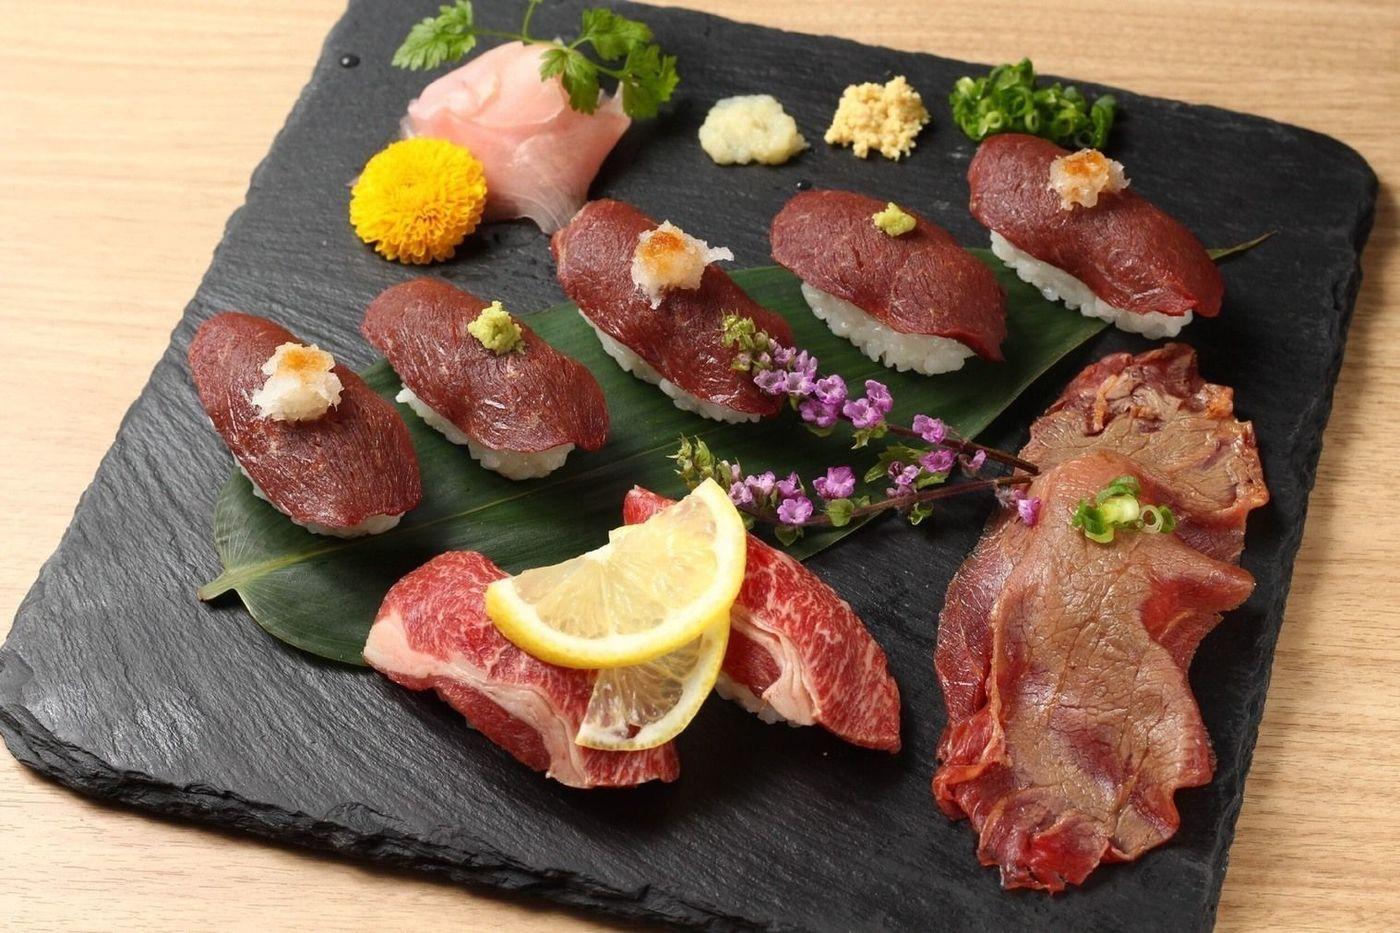 名古屋で夜ご飯を食べたい方必見◎筆者おすすめ10選をご紹介しますの画像